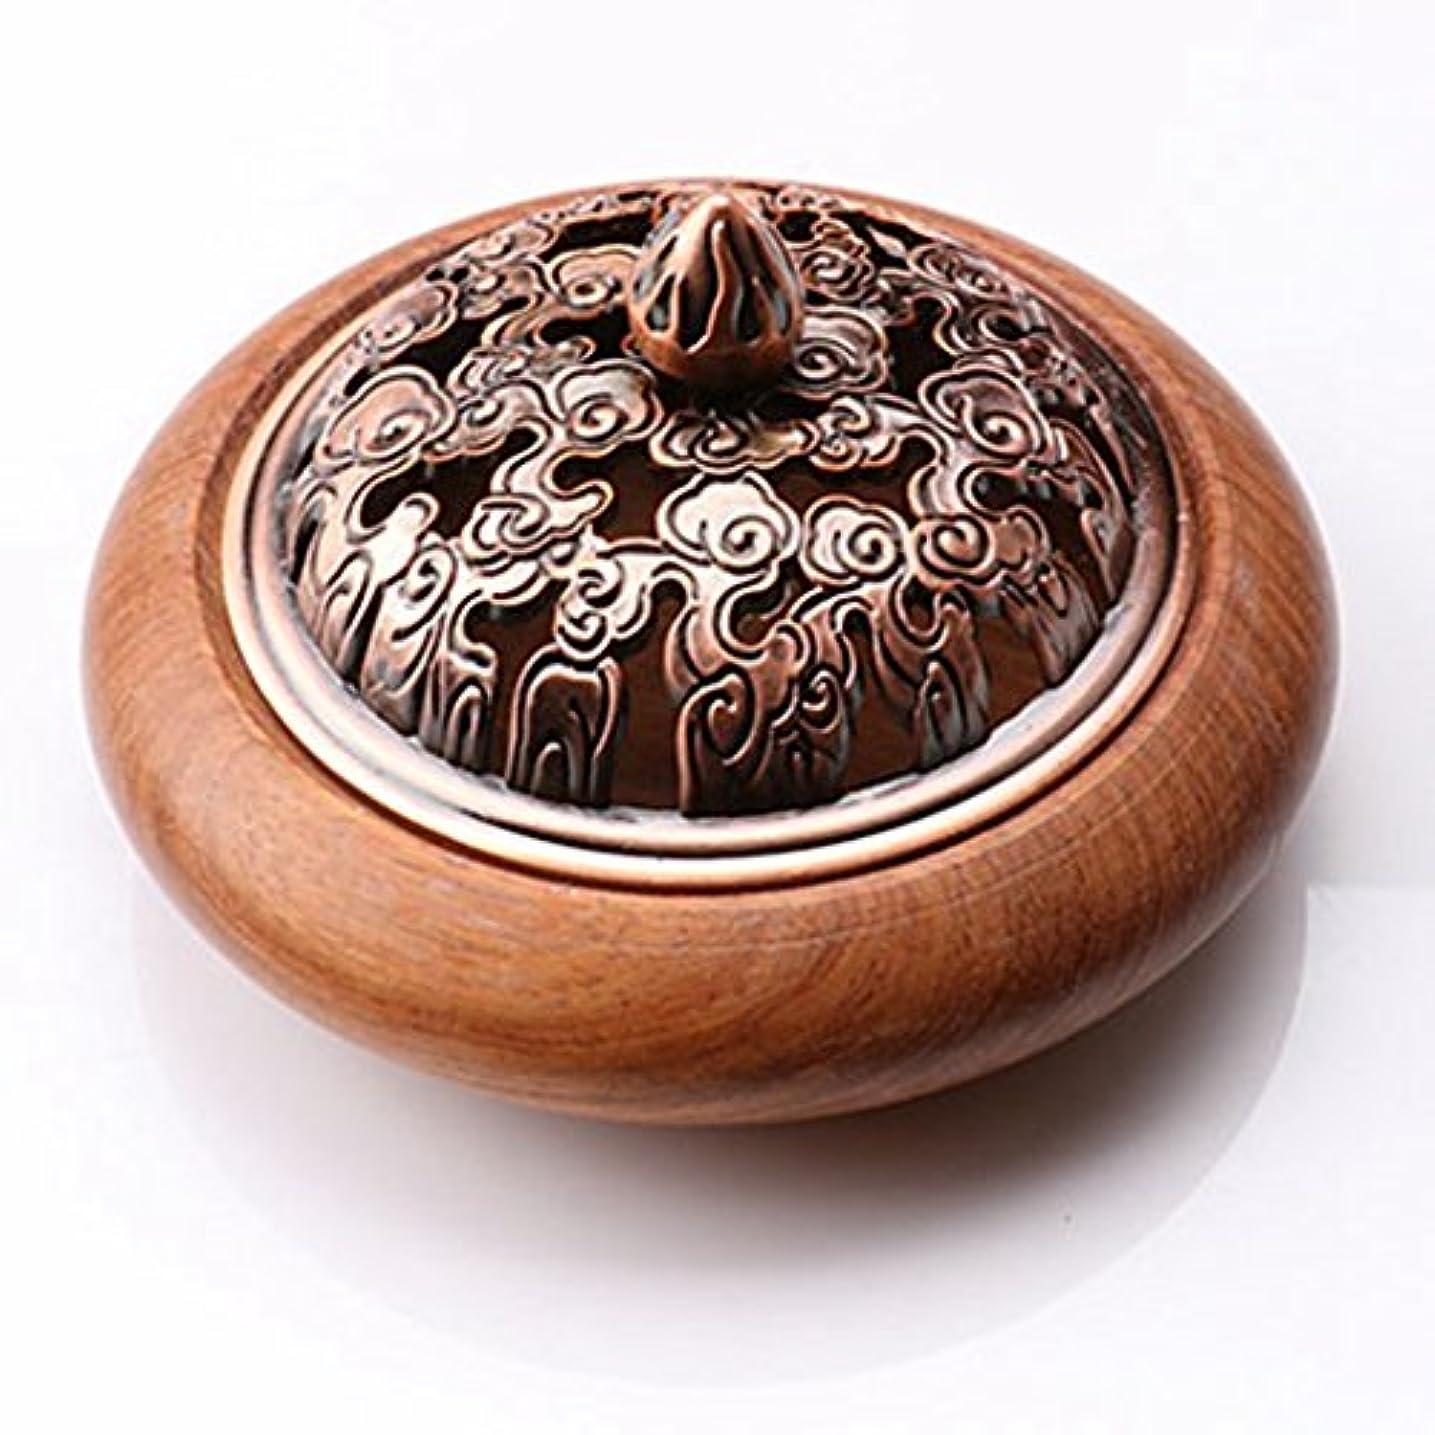 本土ブラインド瞑想する(ラシューバー) Lasuiveur 香炉 香立て 渦巻き線香 線香立て お香立て 木製